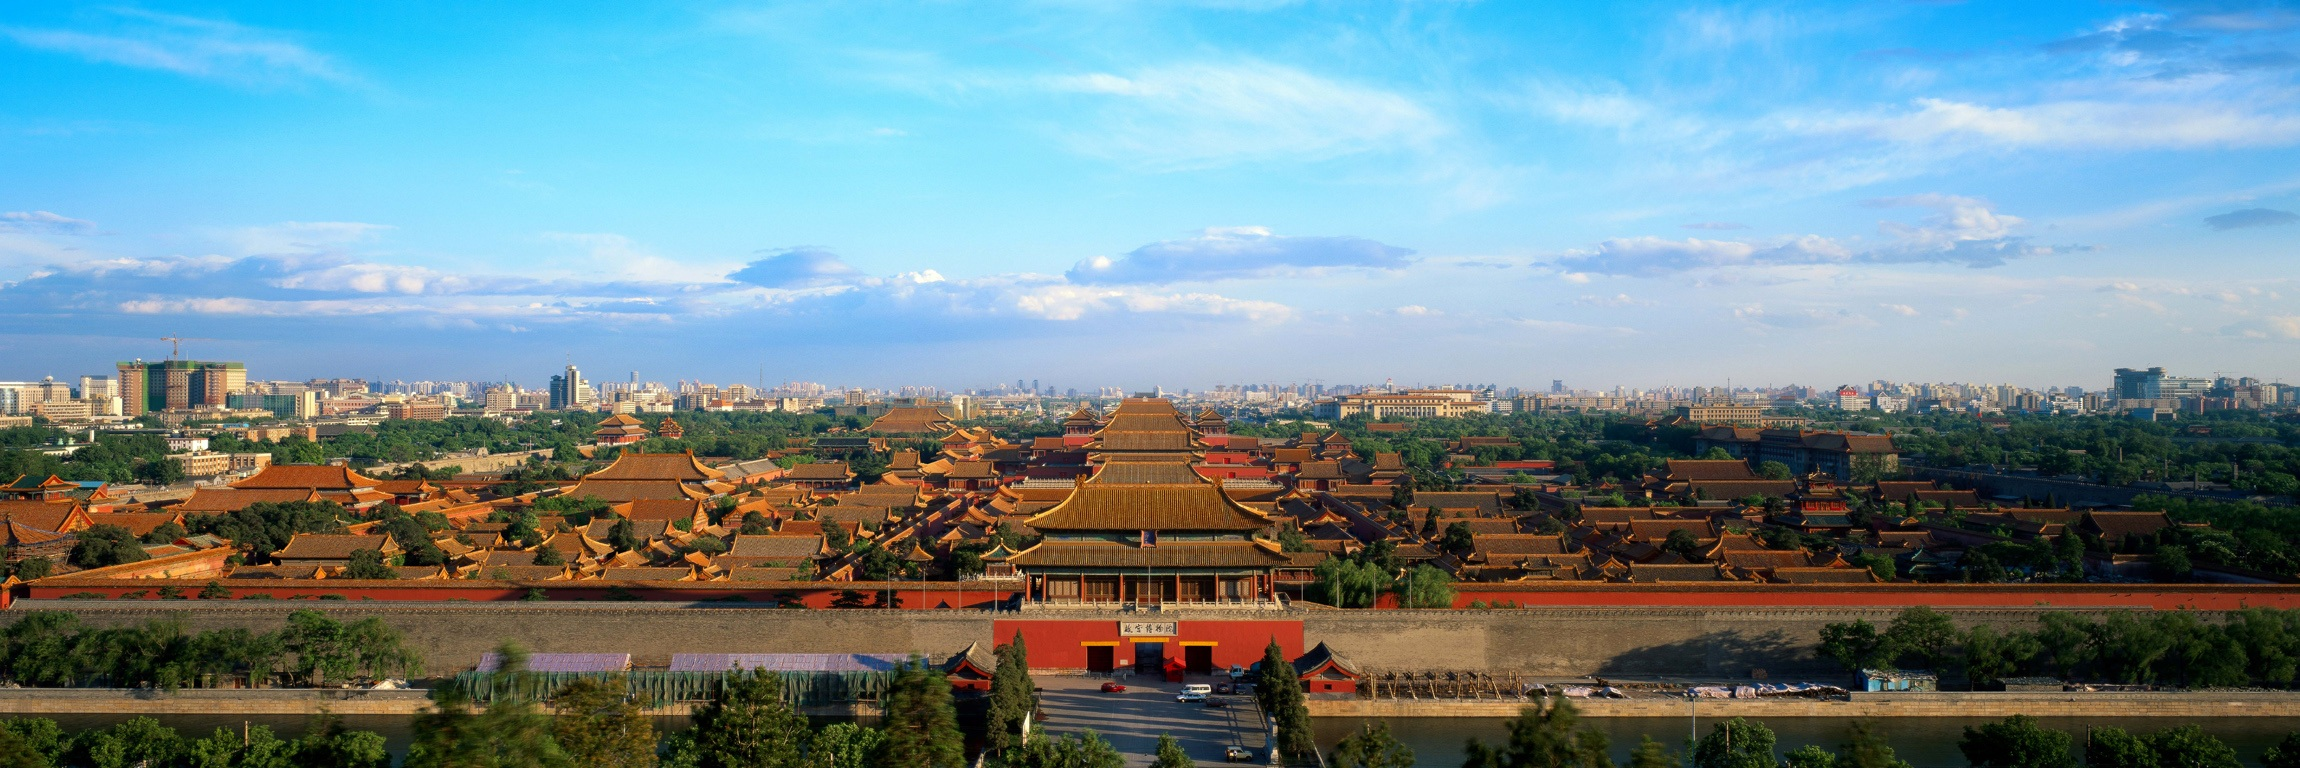 紫禁城(中国) 壁紙 - The Forbidden City, China WALLPAPER